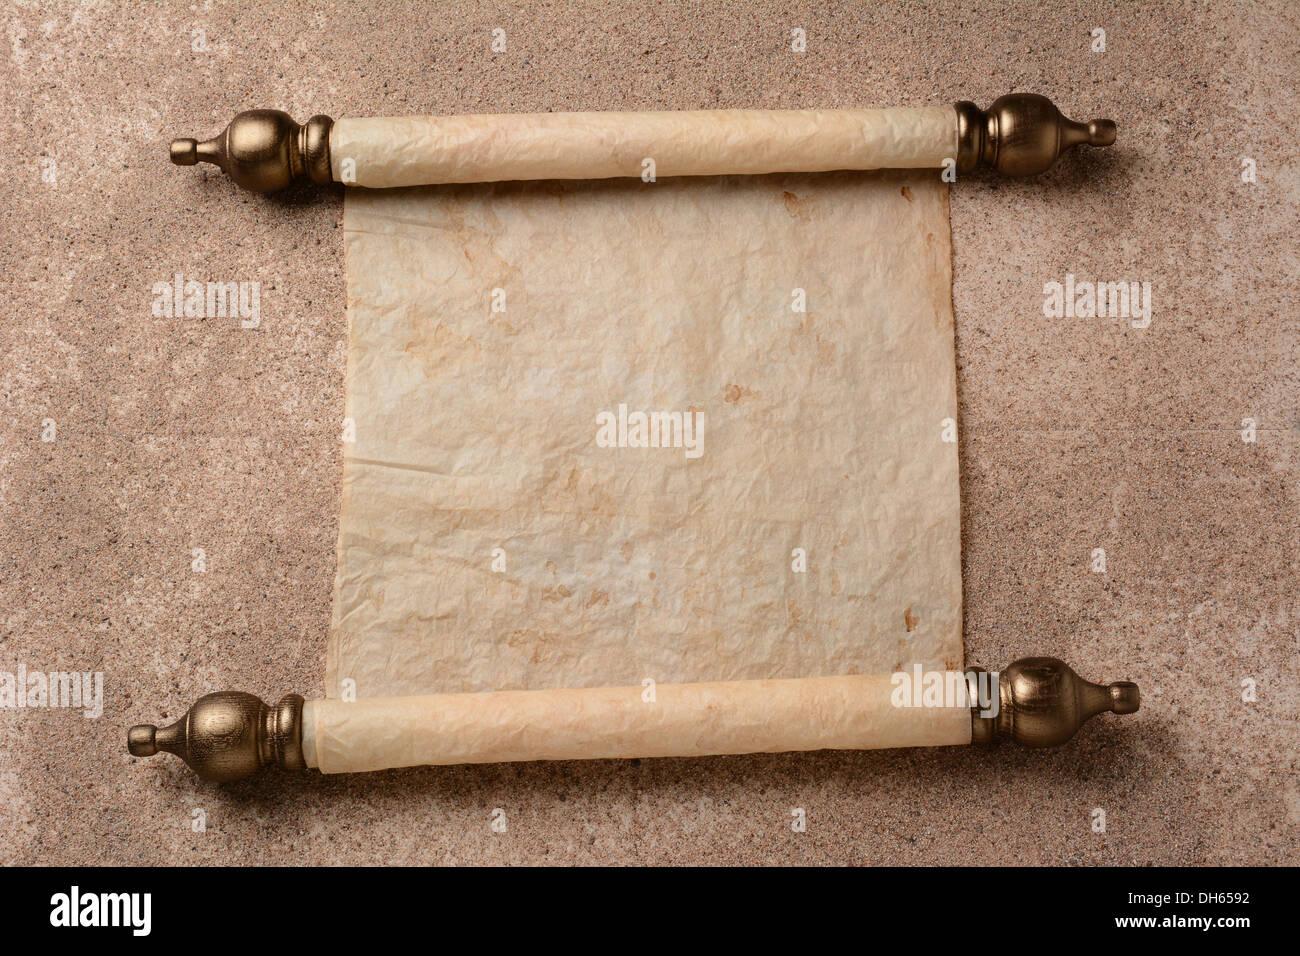 Fußboden Aus Papier ~ Eine schriftrolle von pergament auf einem sand bedeckten boden